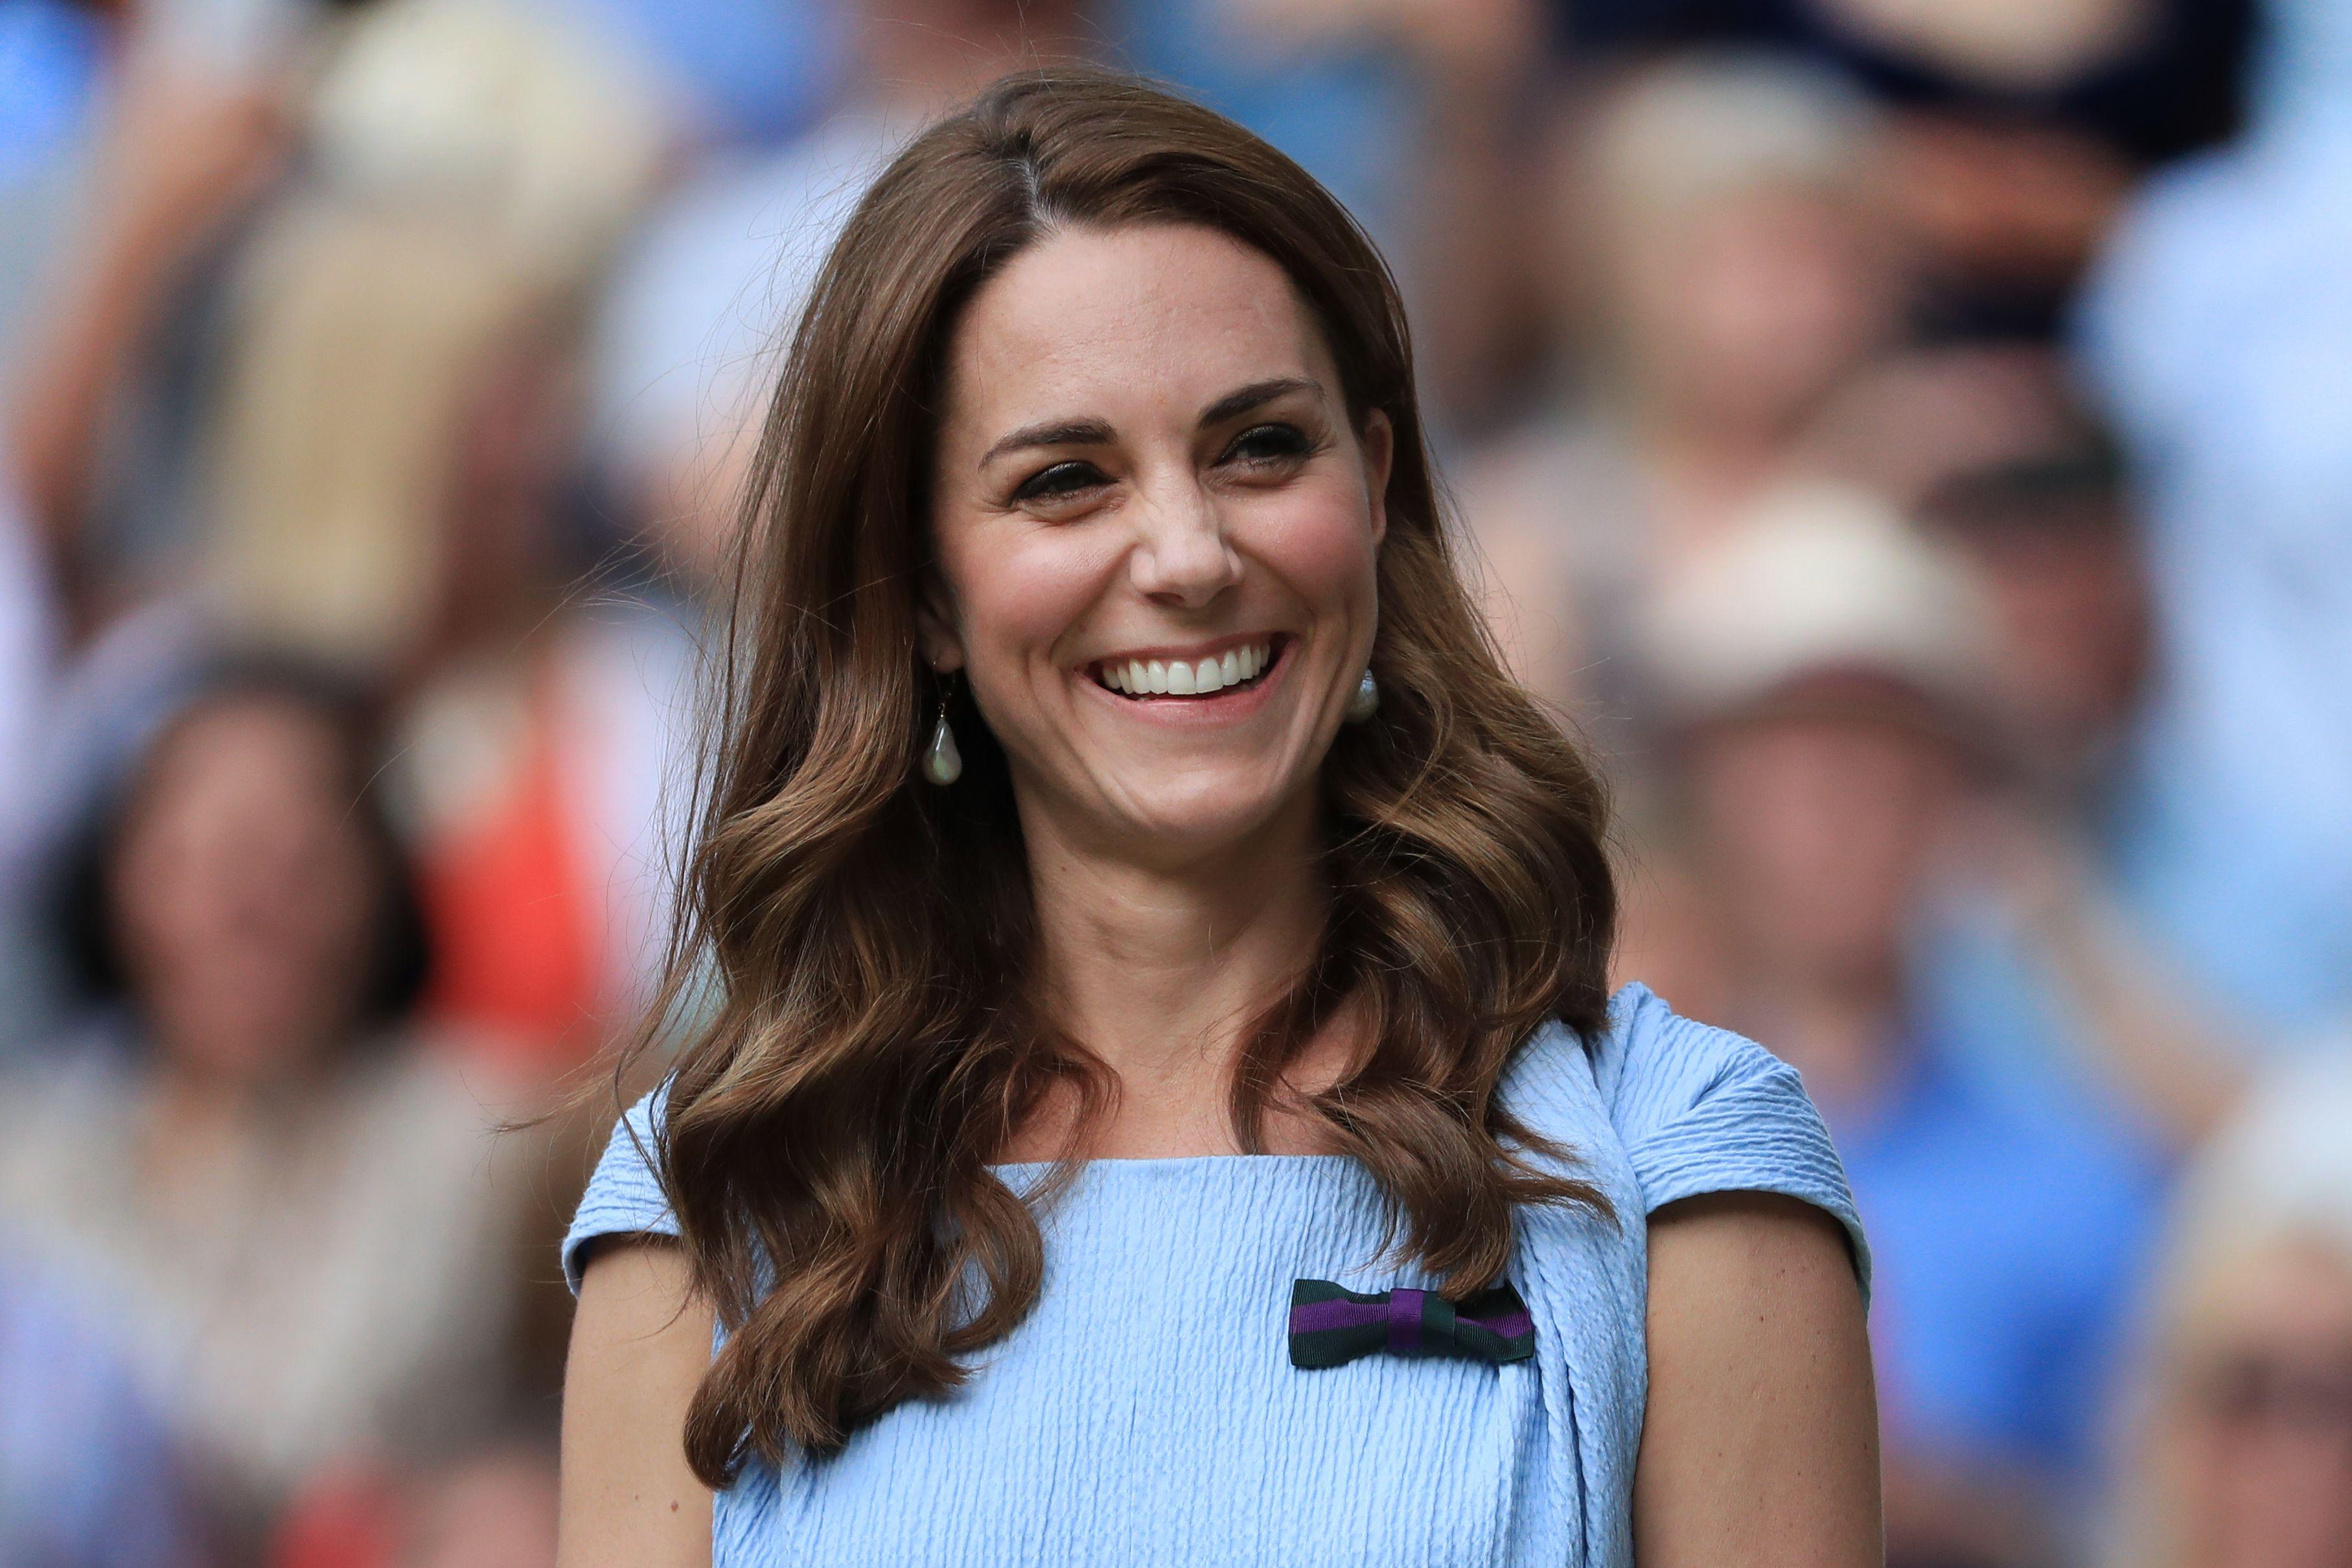 Kate Middleton cumple 38 años y lo celebra con su imagen más natural